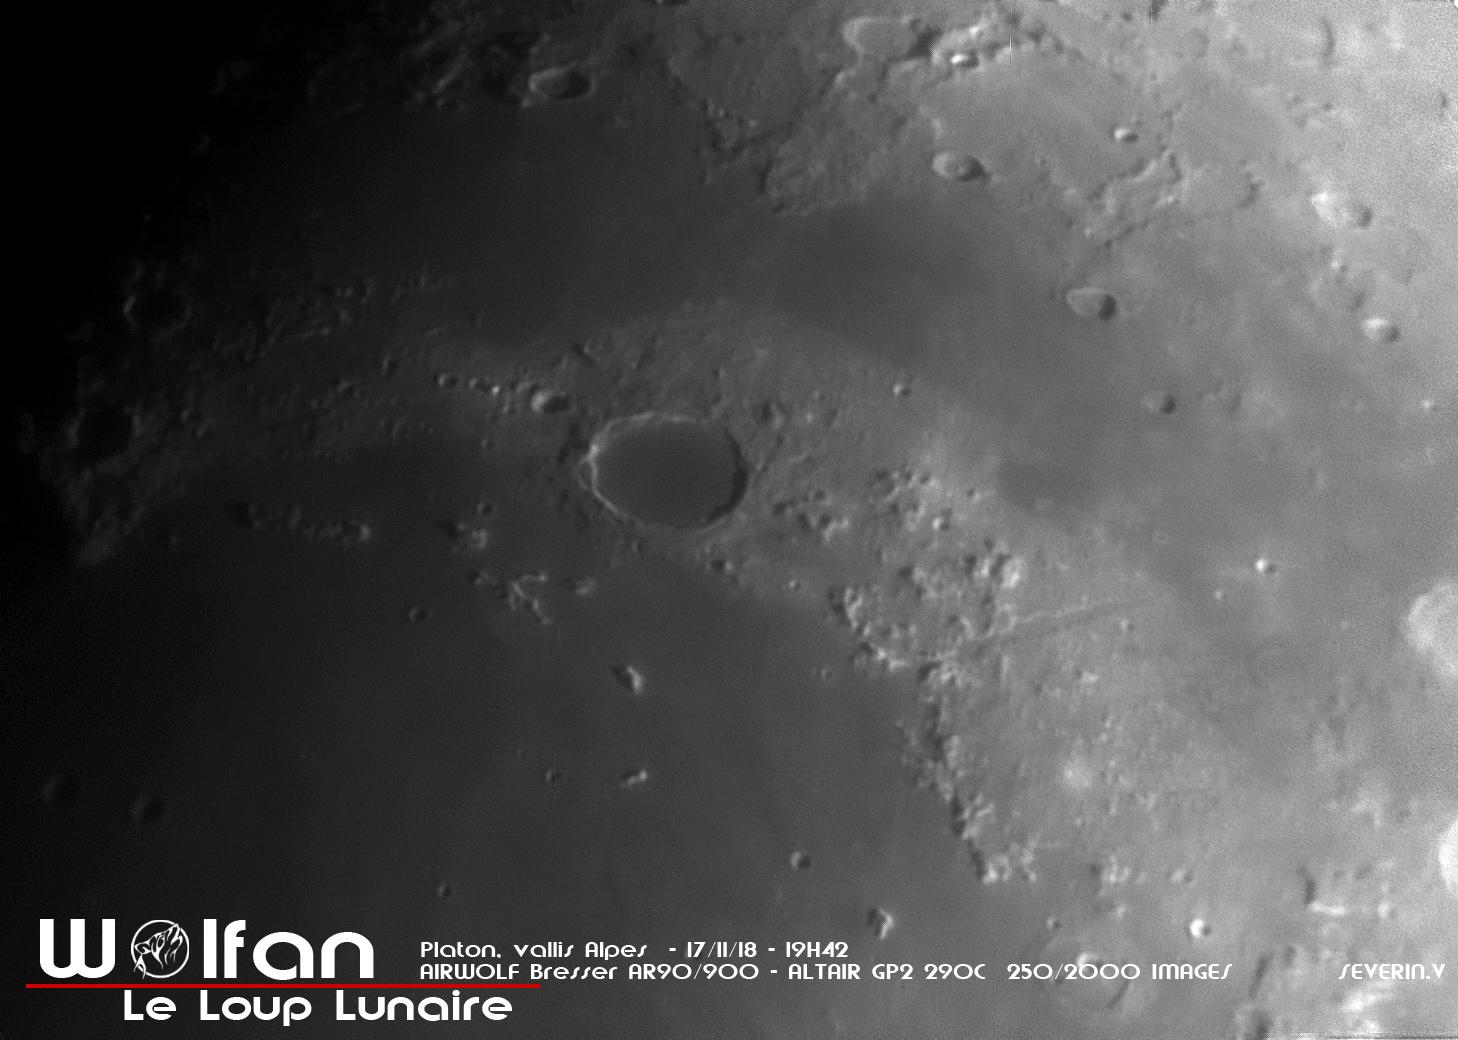 PLaton Vallis Alpes 17-11-18.jpg